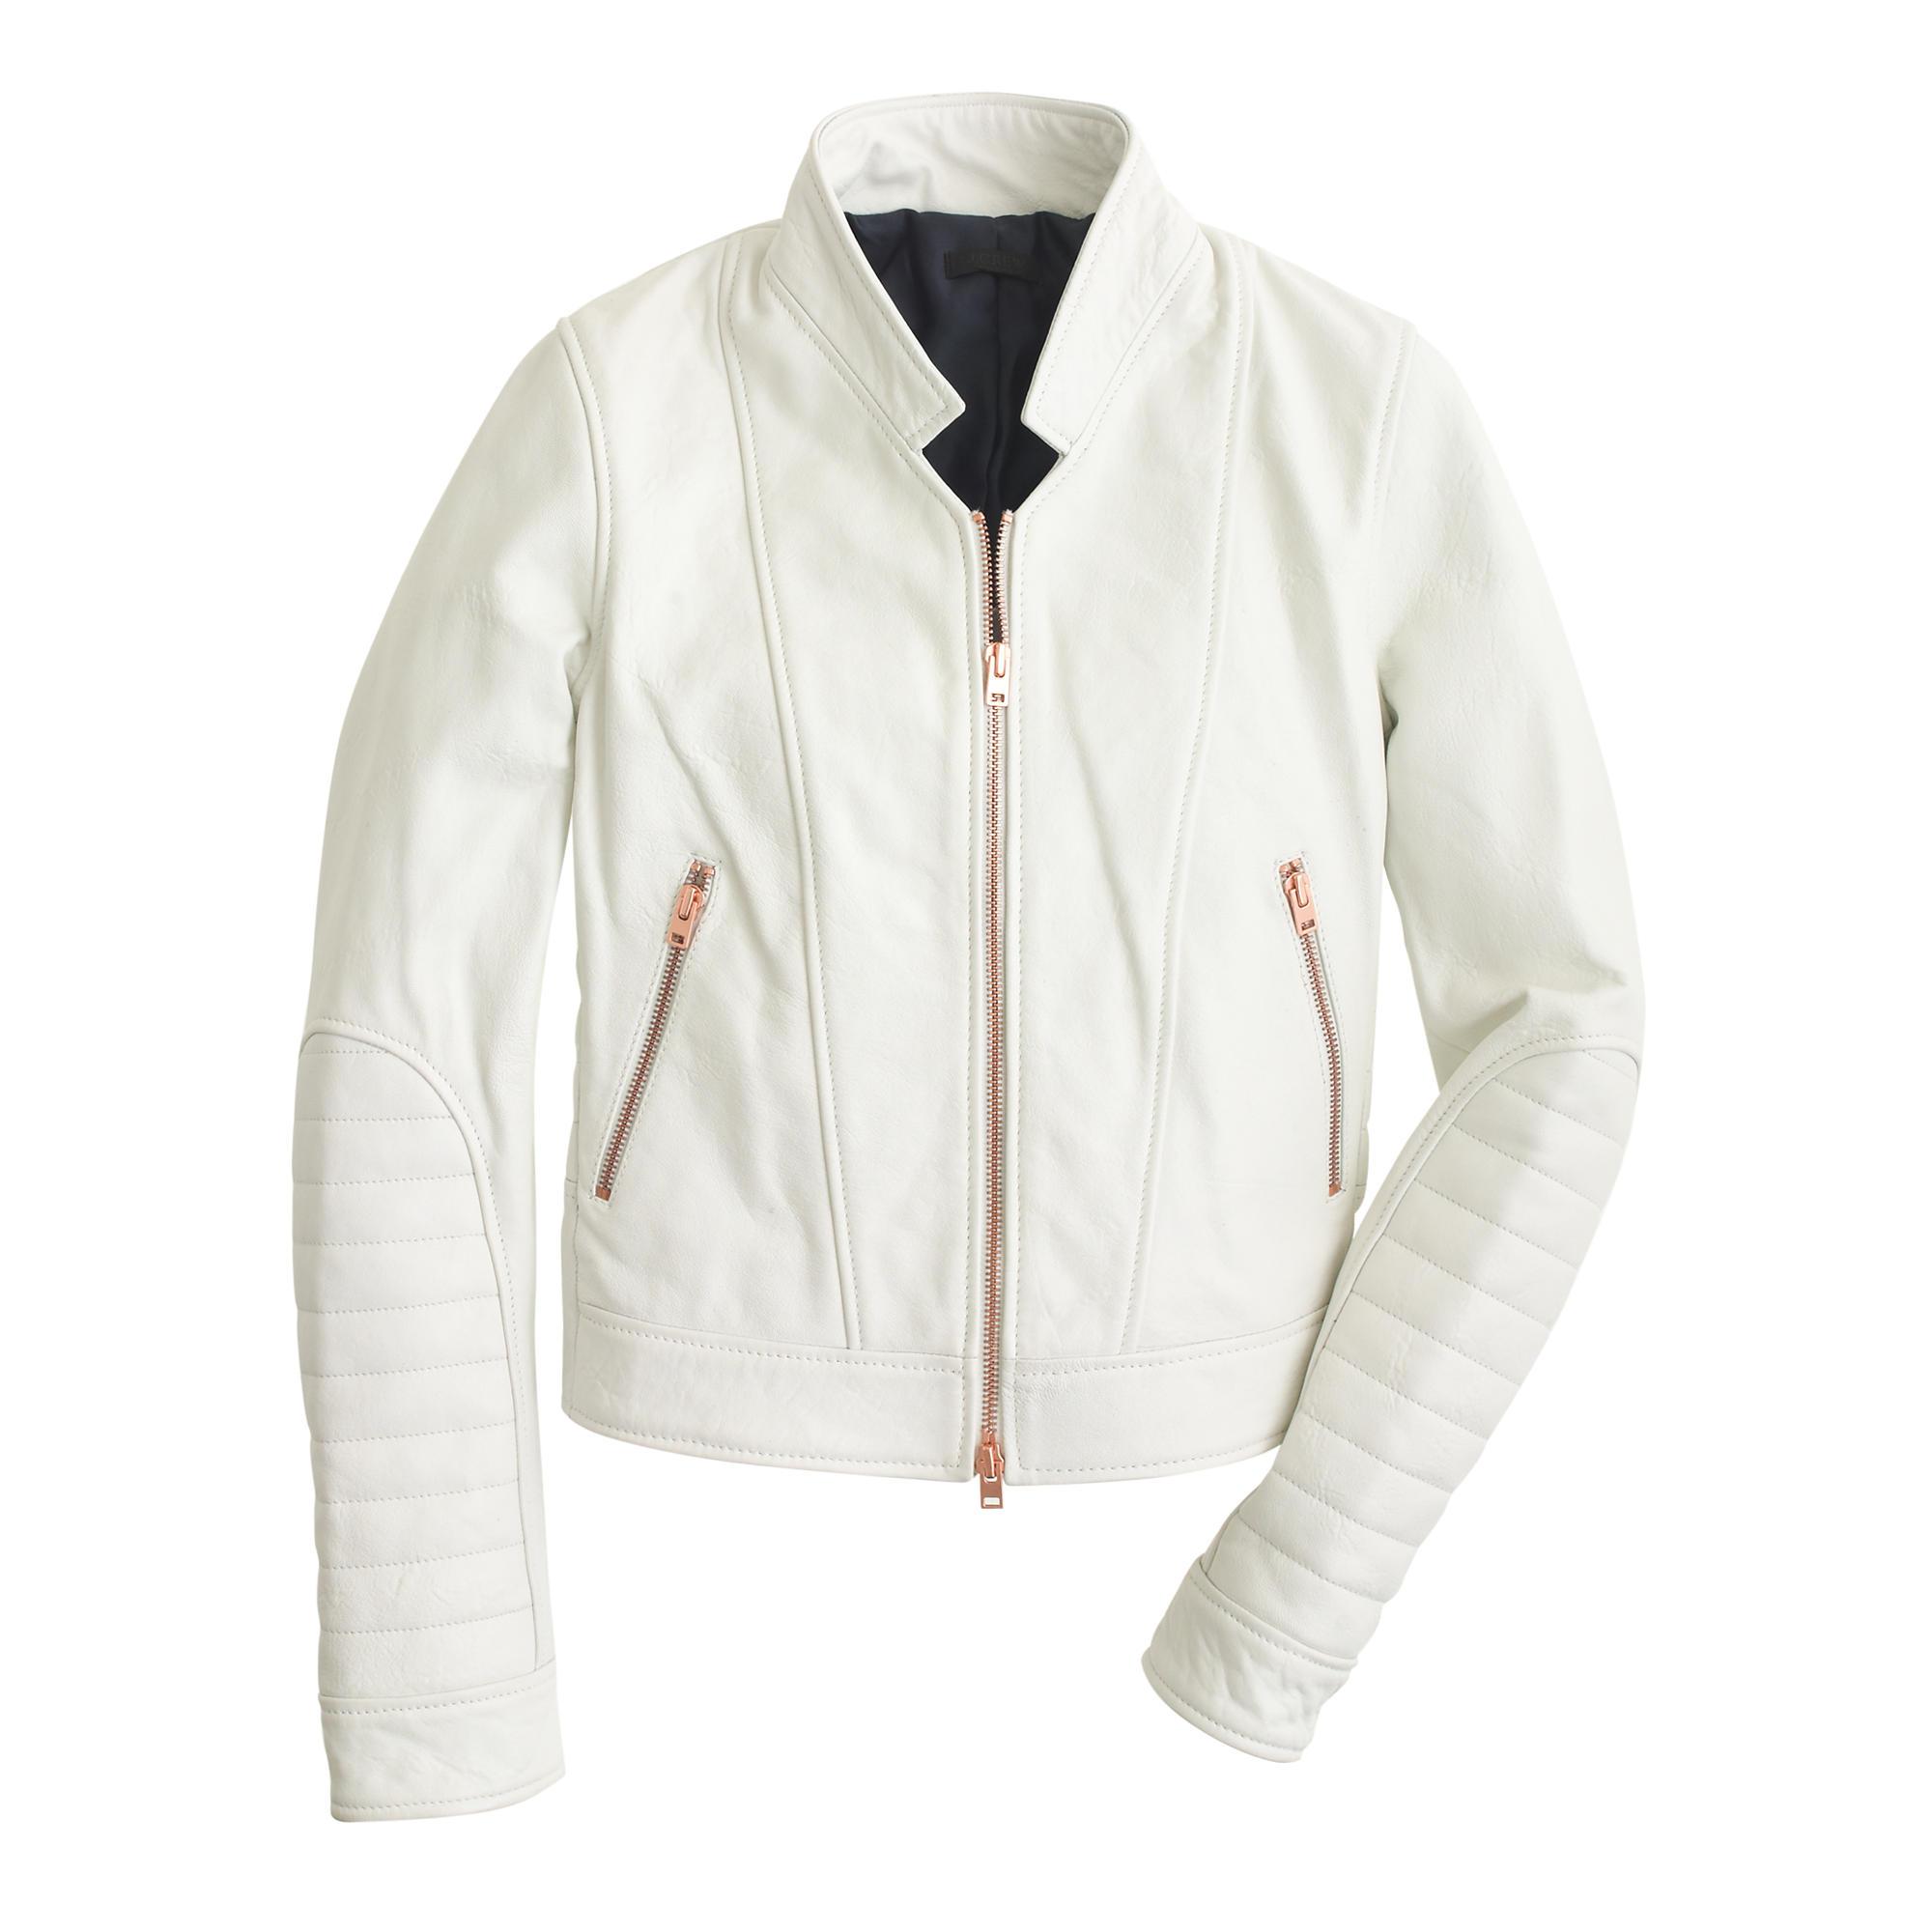 d7de8ea8d J.Crew White Collection Standing-collar Leather Jacket